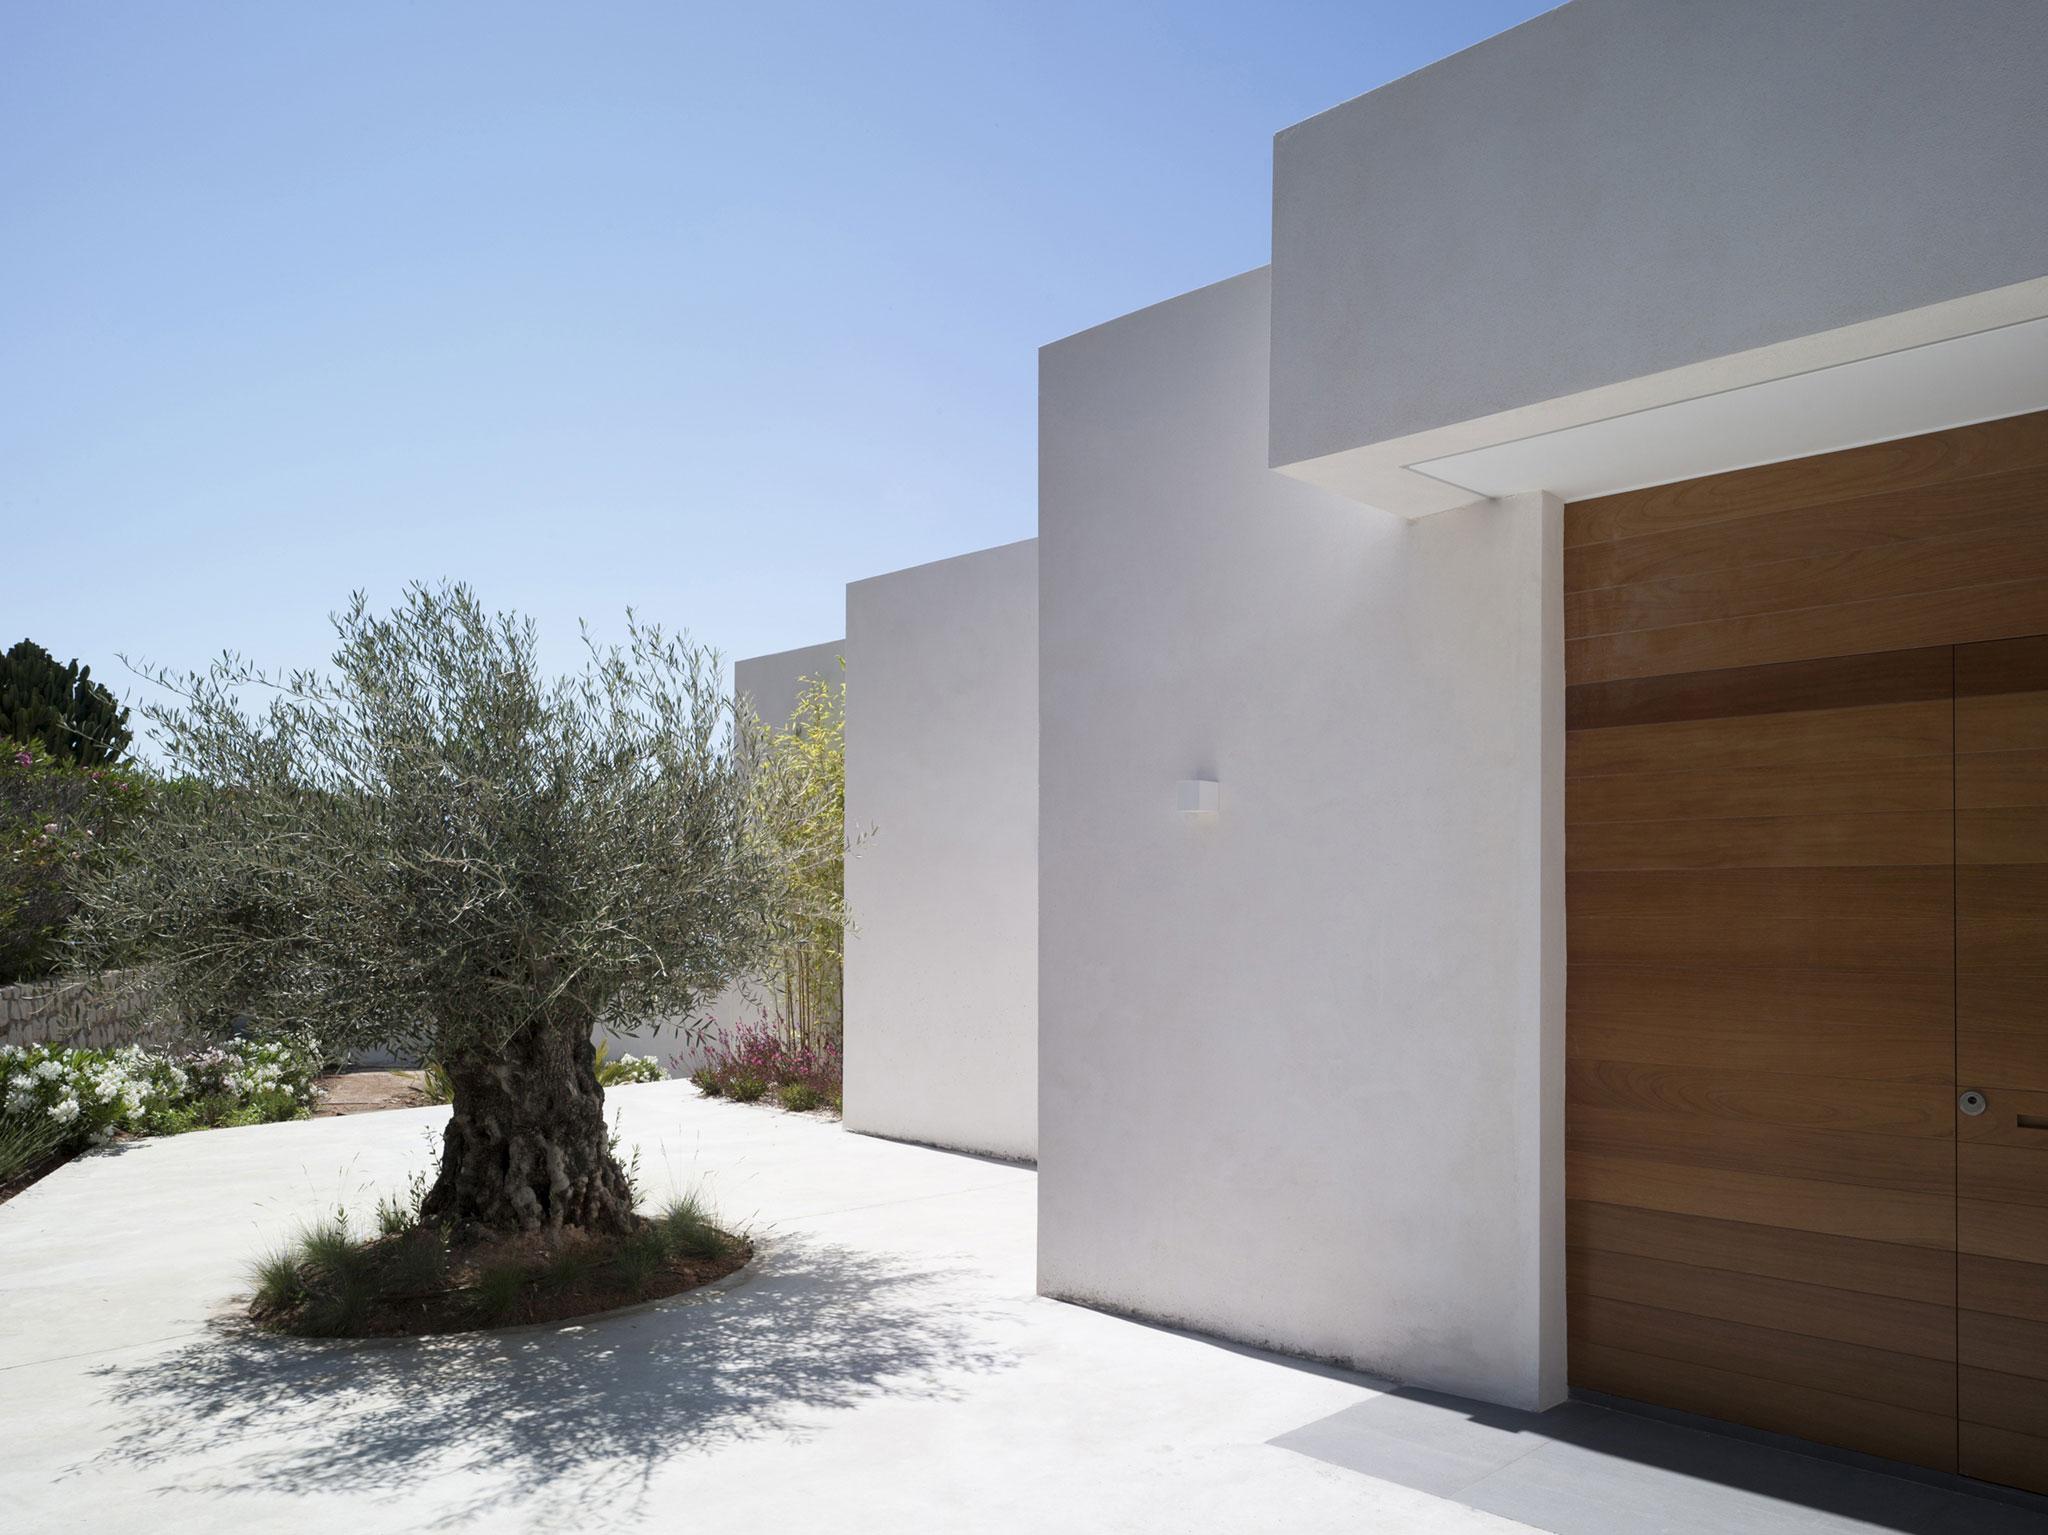 Arquitectos en alicante trendy with arquitectos en - Arquitectos en alicante ...